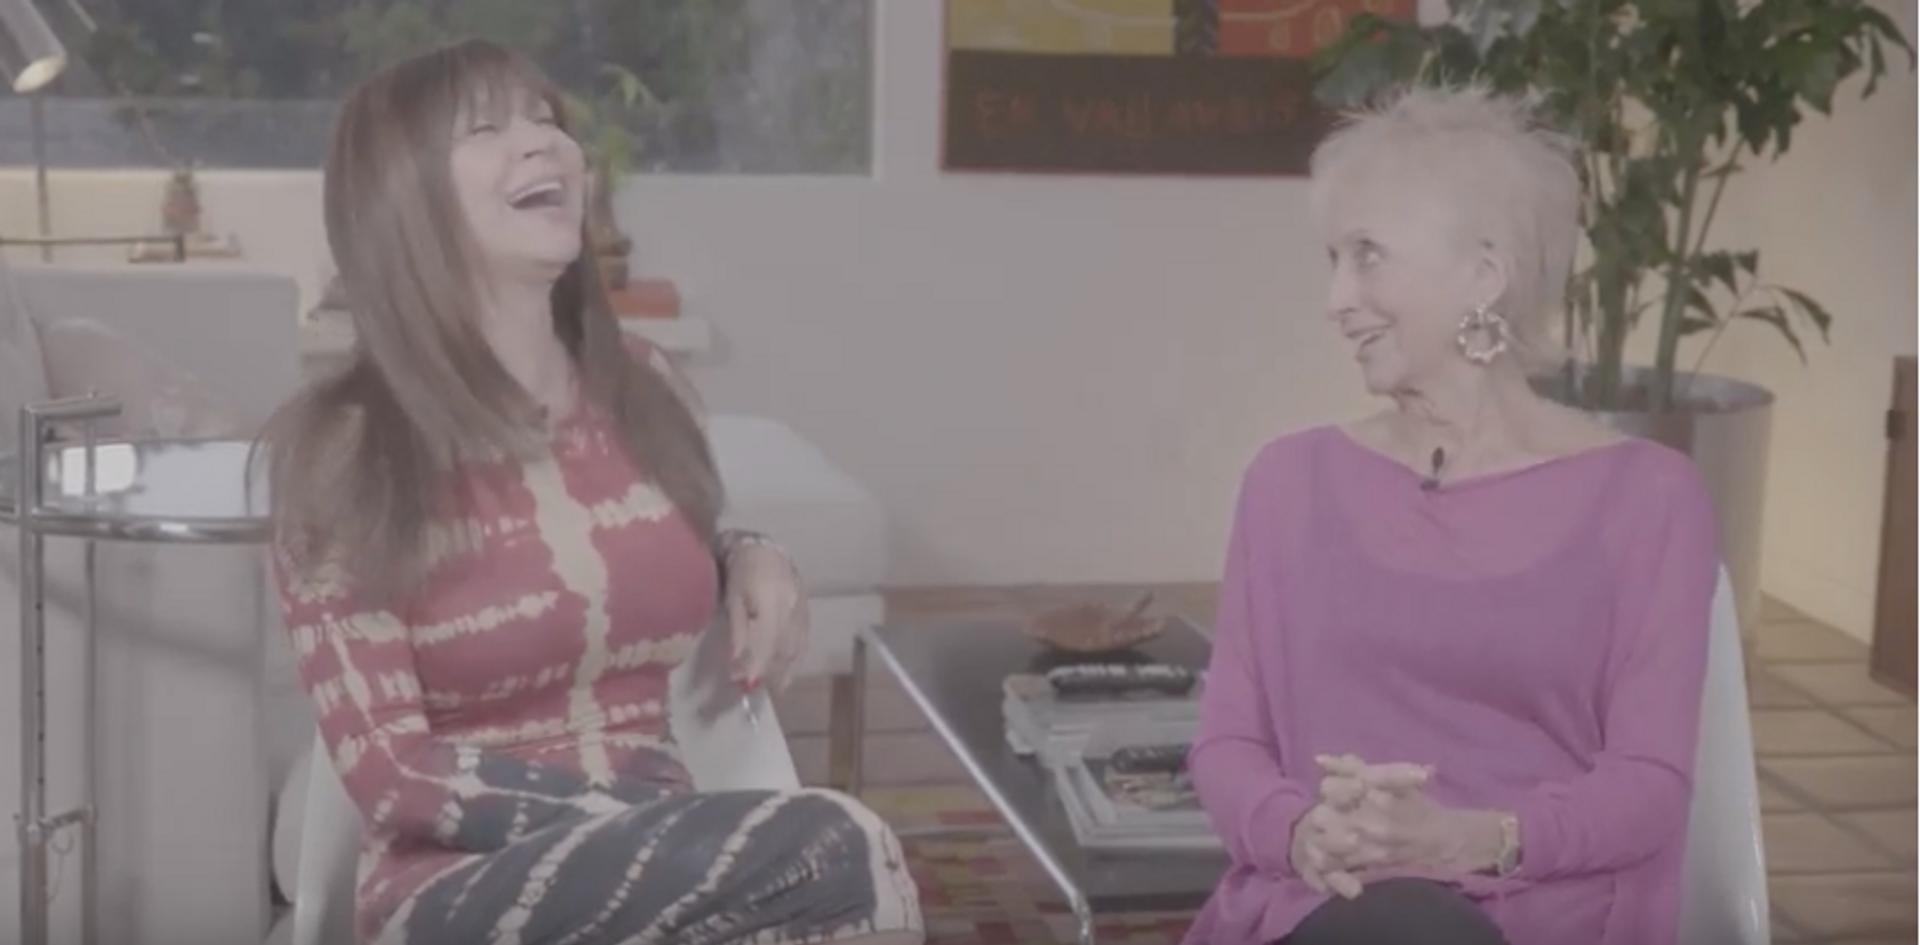 Arlene Sidaris Interviews Ava Cadell